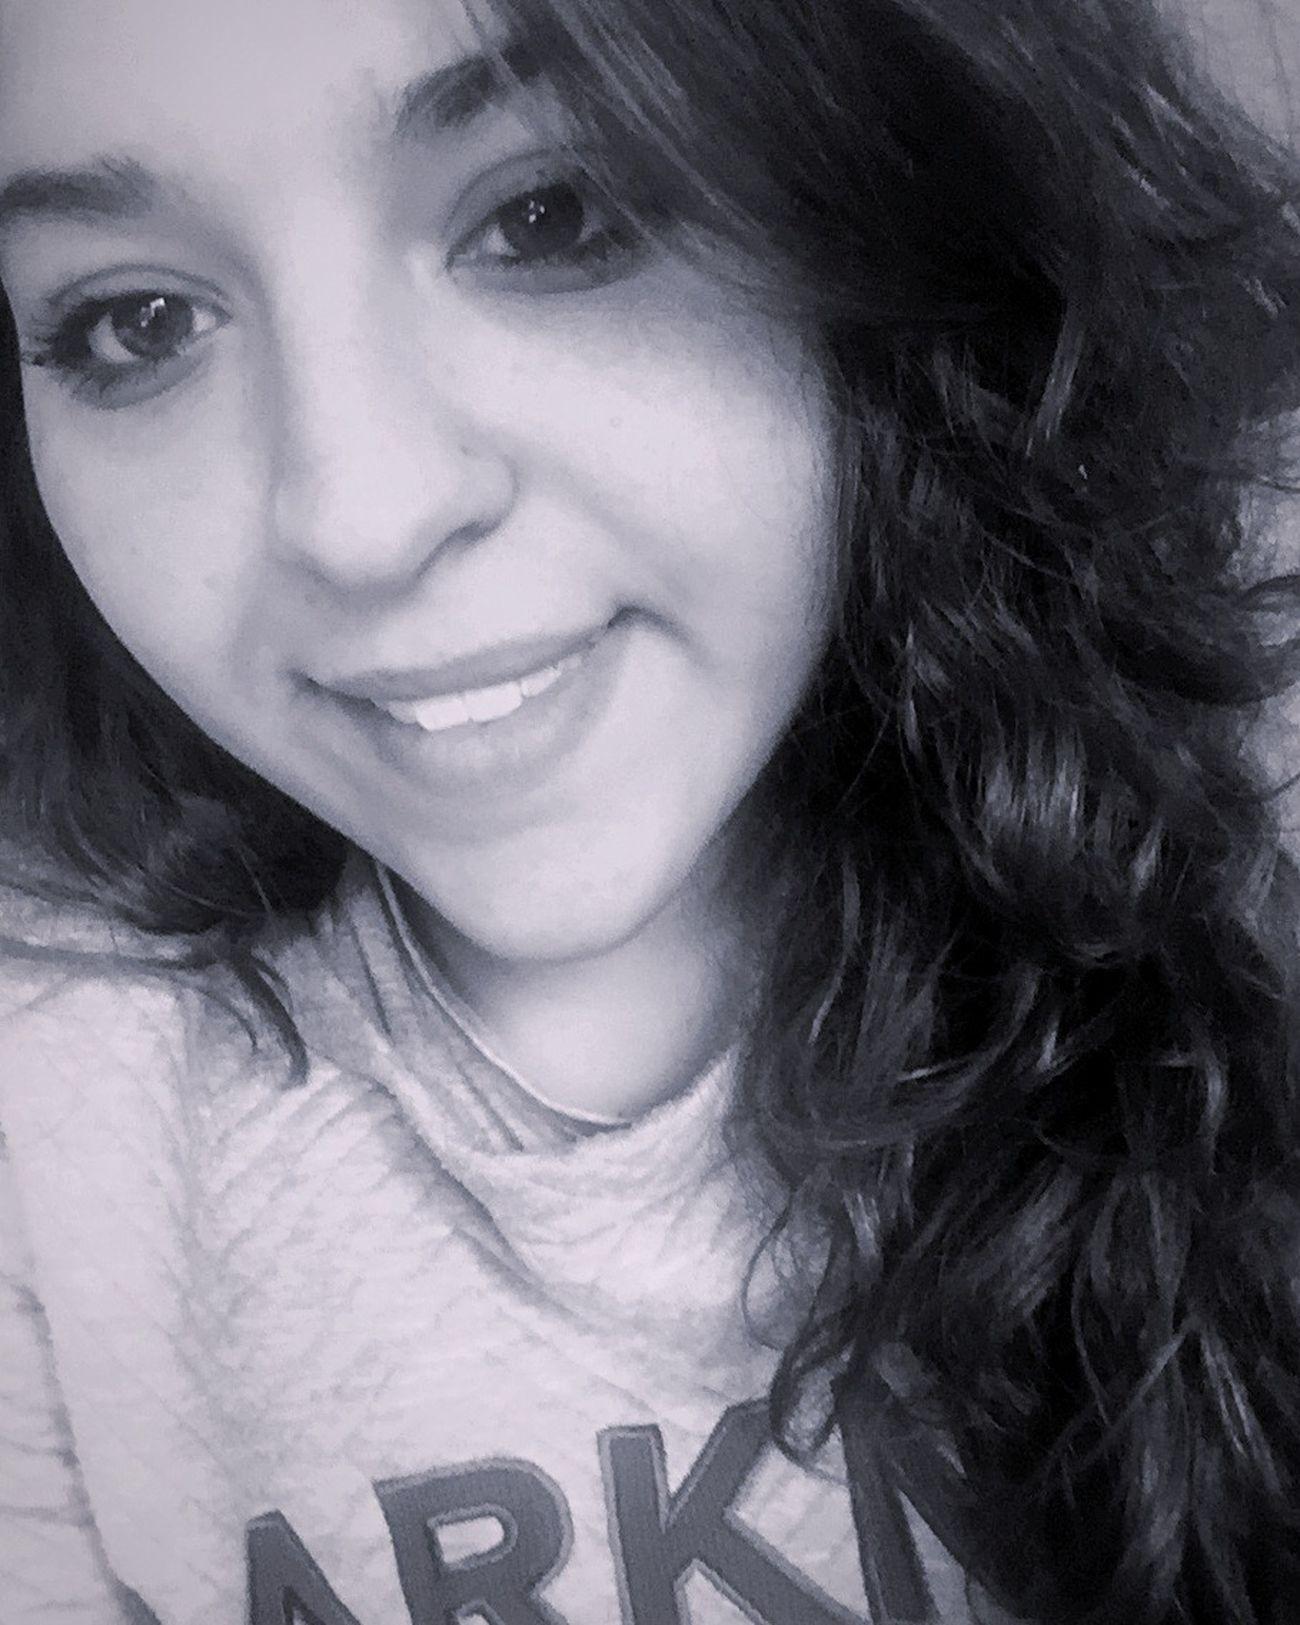 Goodmorning..😘 GoodMorning⛅ Buenas Días!  Napoli ❤ Me Atwork👶👼💻📱 Smile Semplicità Ogni Riccio Un Capriccio! Woman Smile❤ Ricciavolontà Freddo Polare!😆 Freddo Inverno ❄️ Snow Goodmorning EyeEm  Goodmorning World